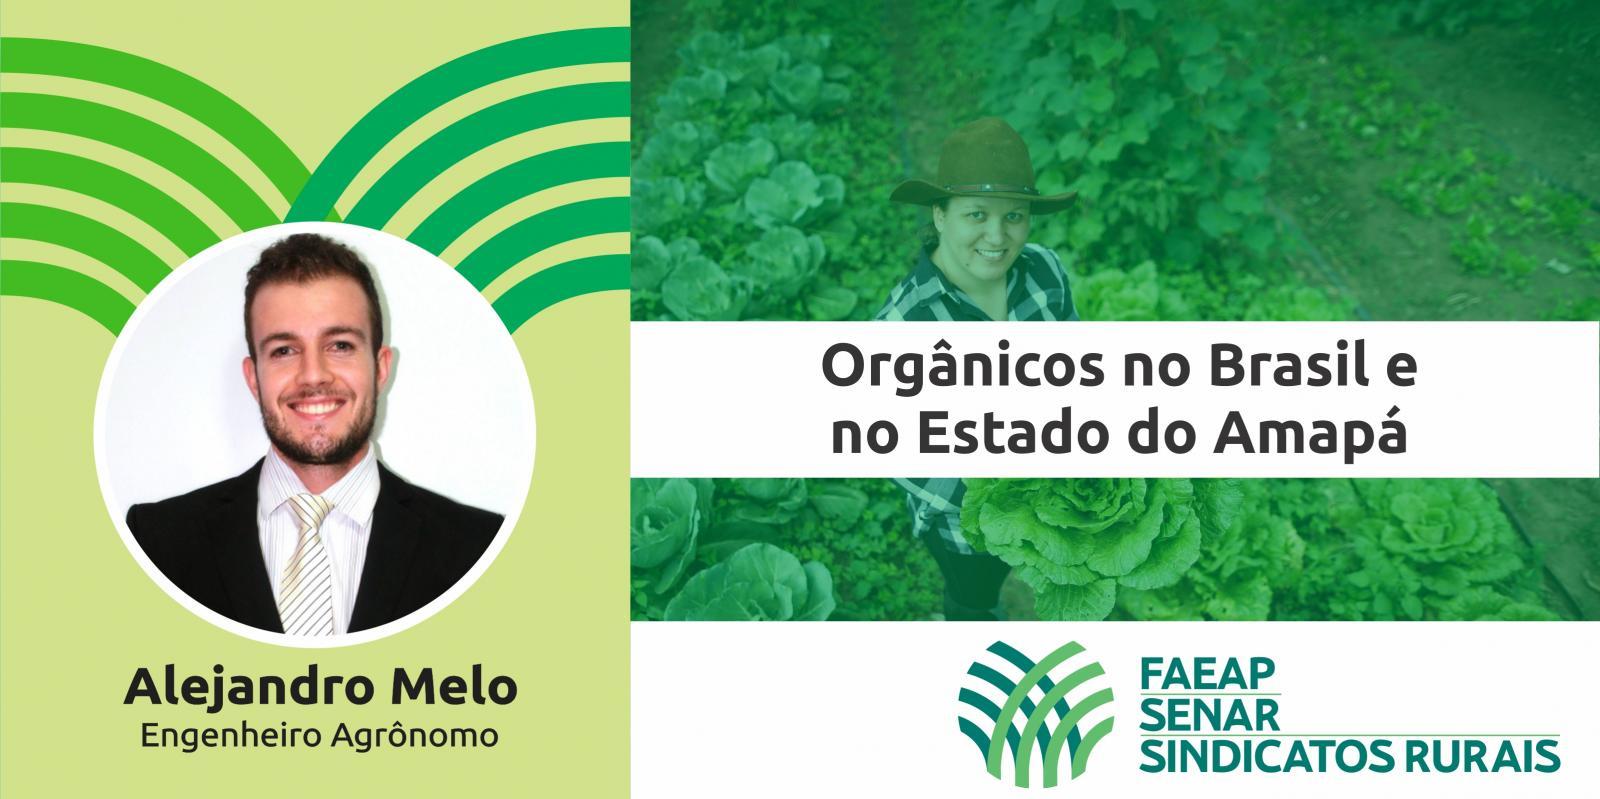 Artigo: Orgânicos no Brasil e no Estado do Amapá